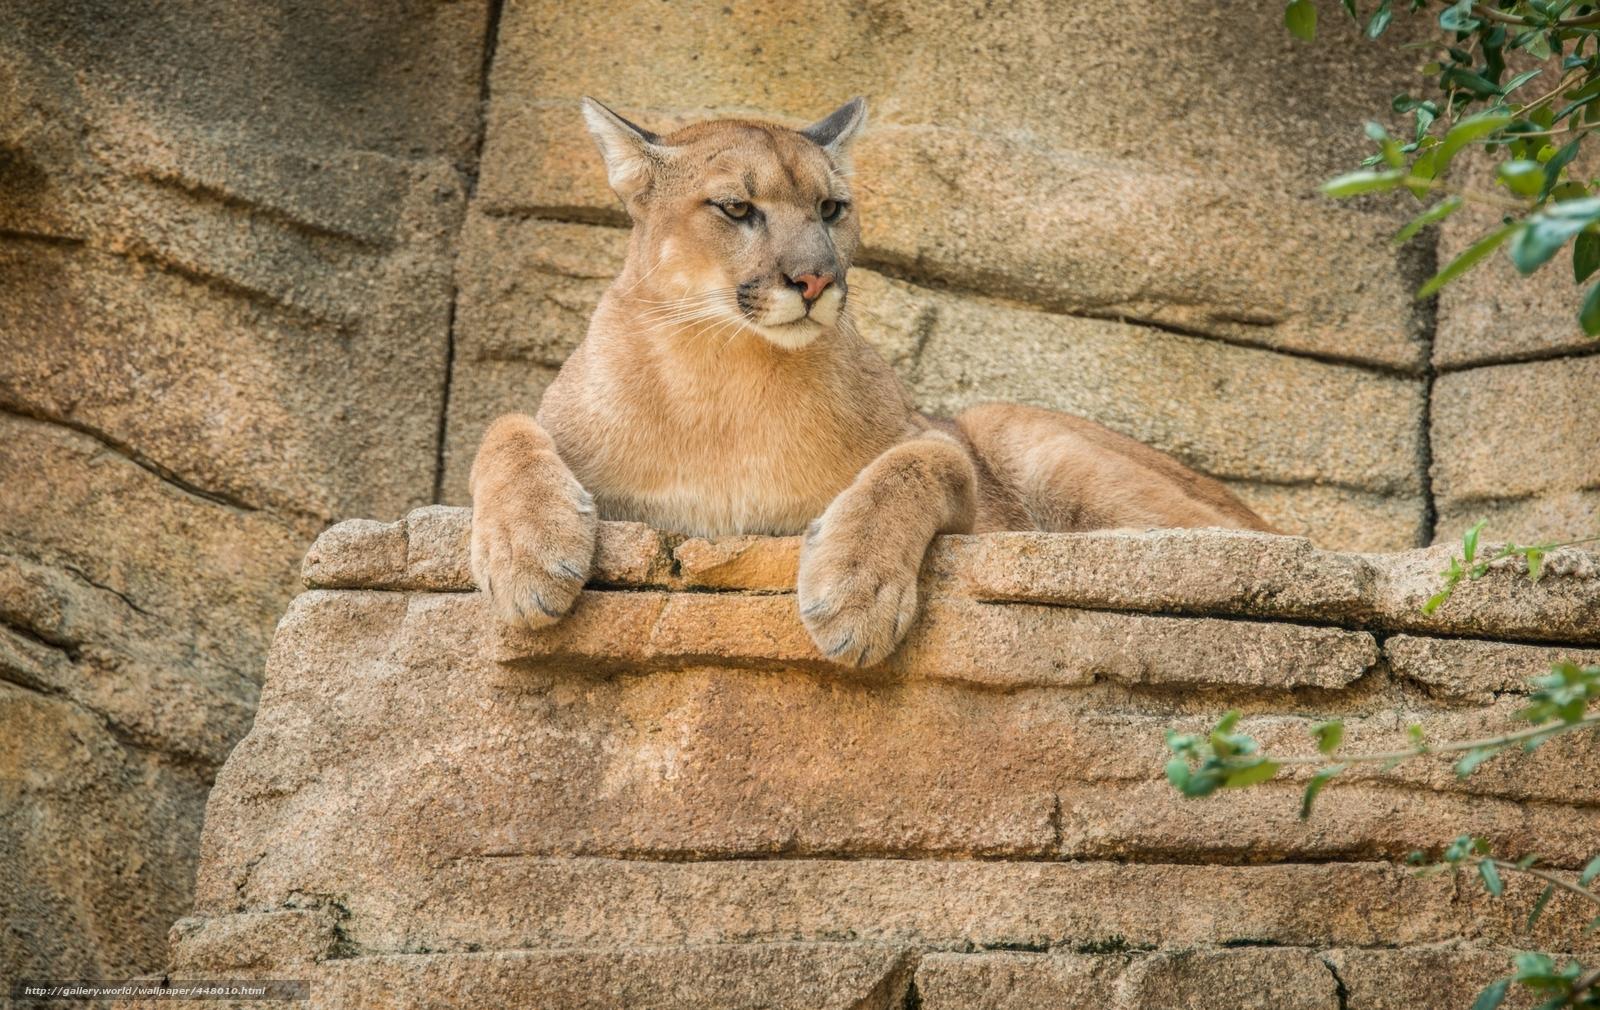 tlcharger fond d 39 ecran puma lion de montagne puma fonds d 39 ecran gratuits pour votre rsolution. Black Bedroom Furniture Sets. Home Design Ideas